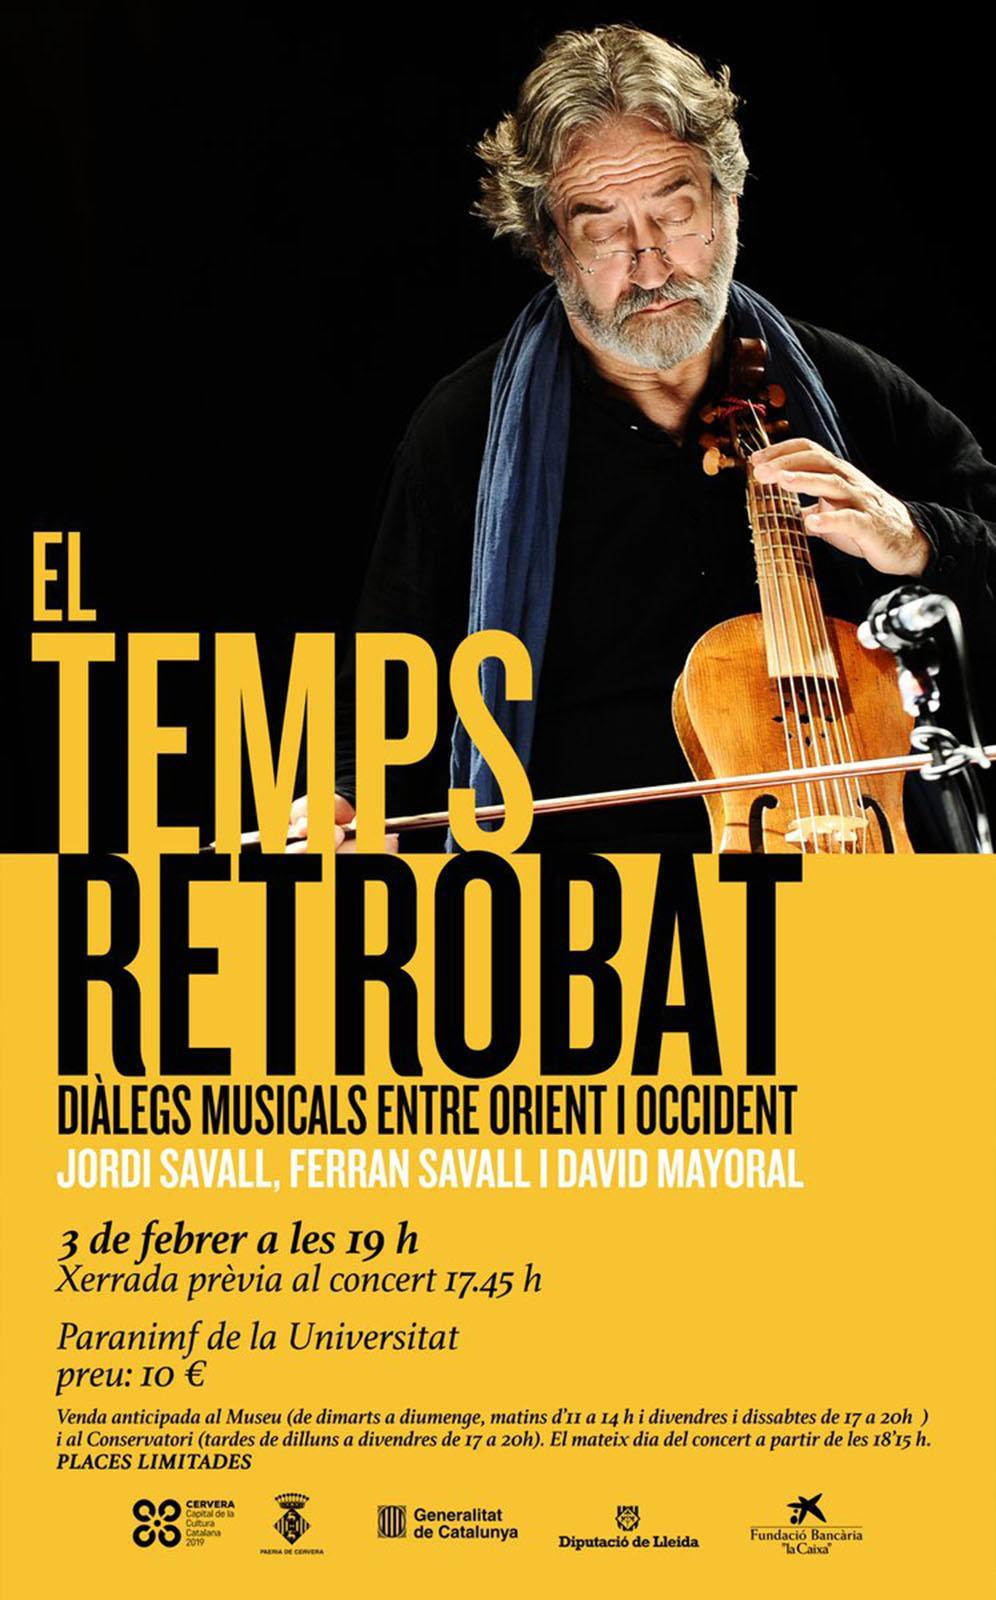 Concert de Jordi Savall 'El temps retrobat'